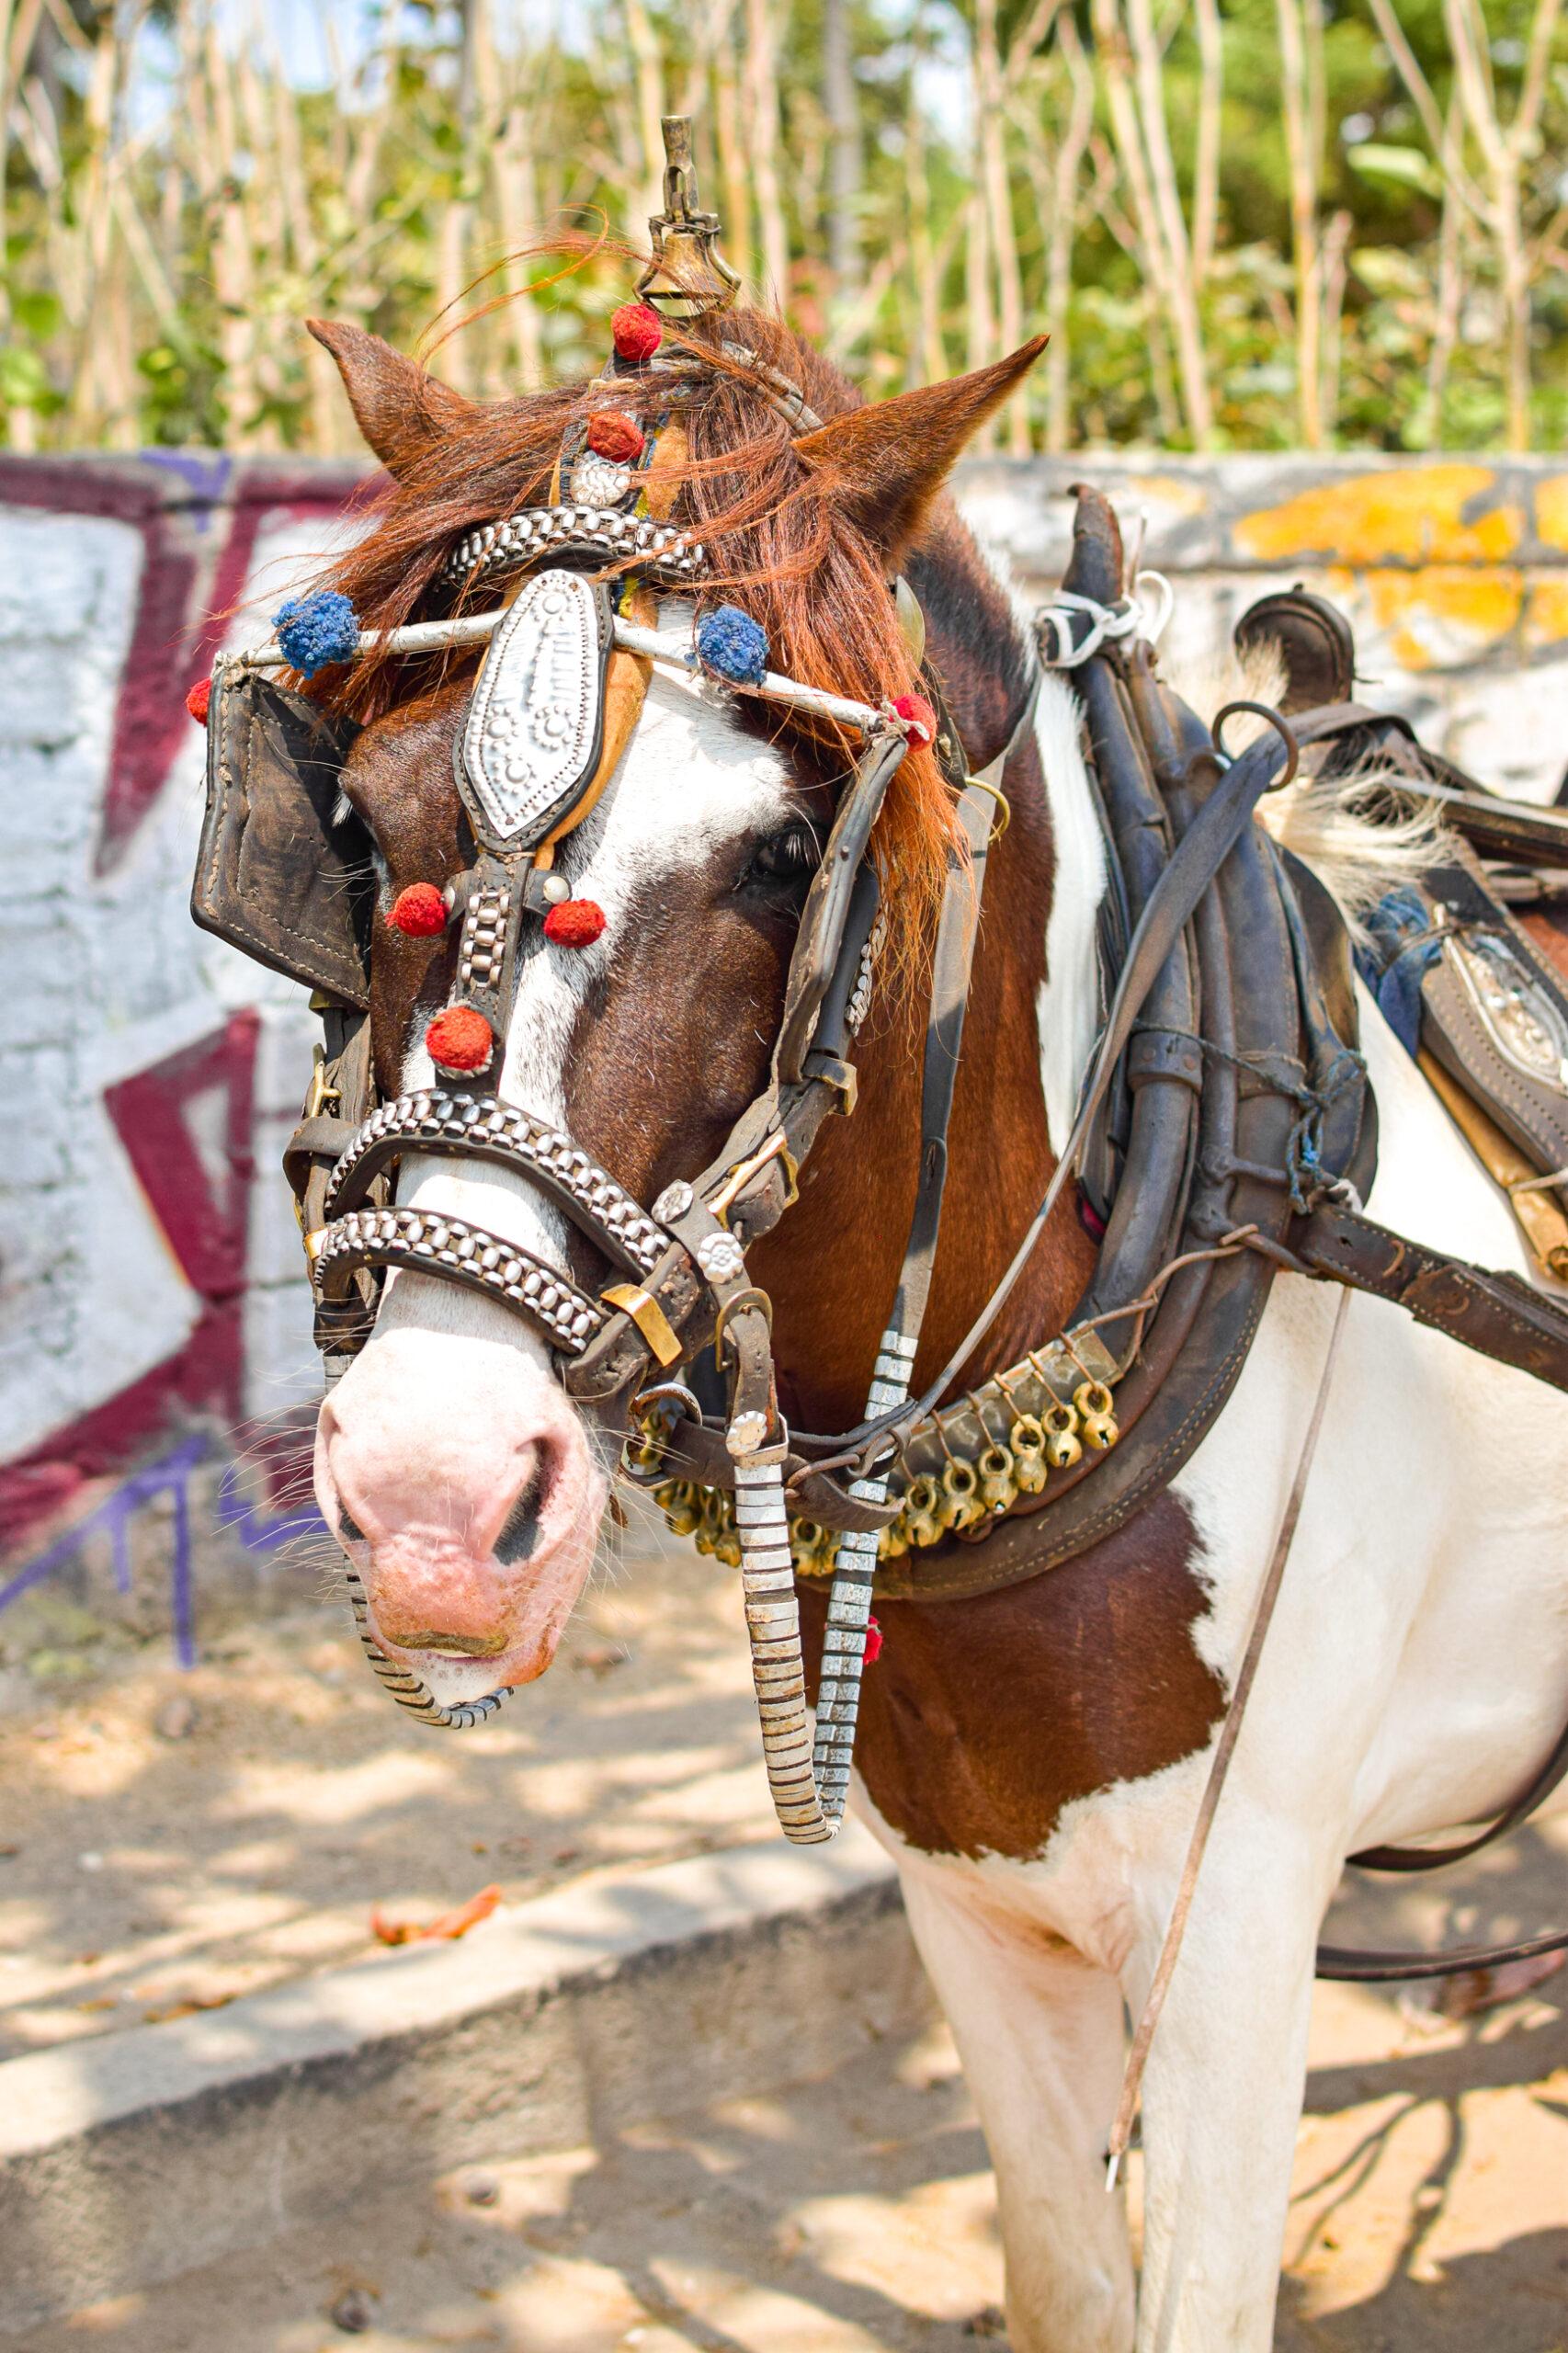 häst med färgglada toffsar på grimman.